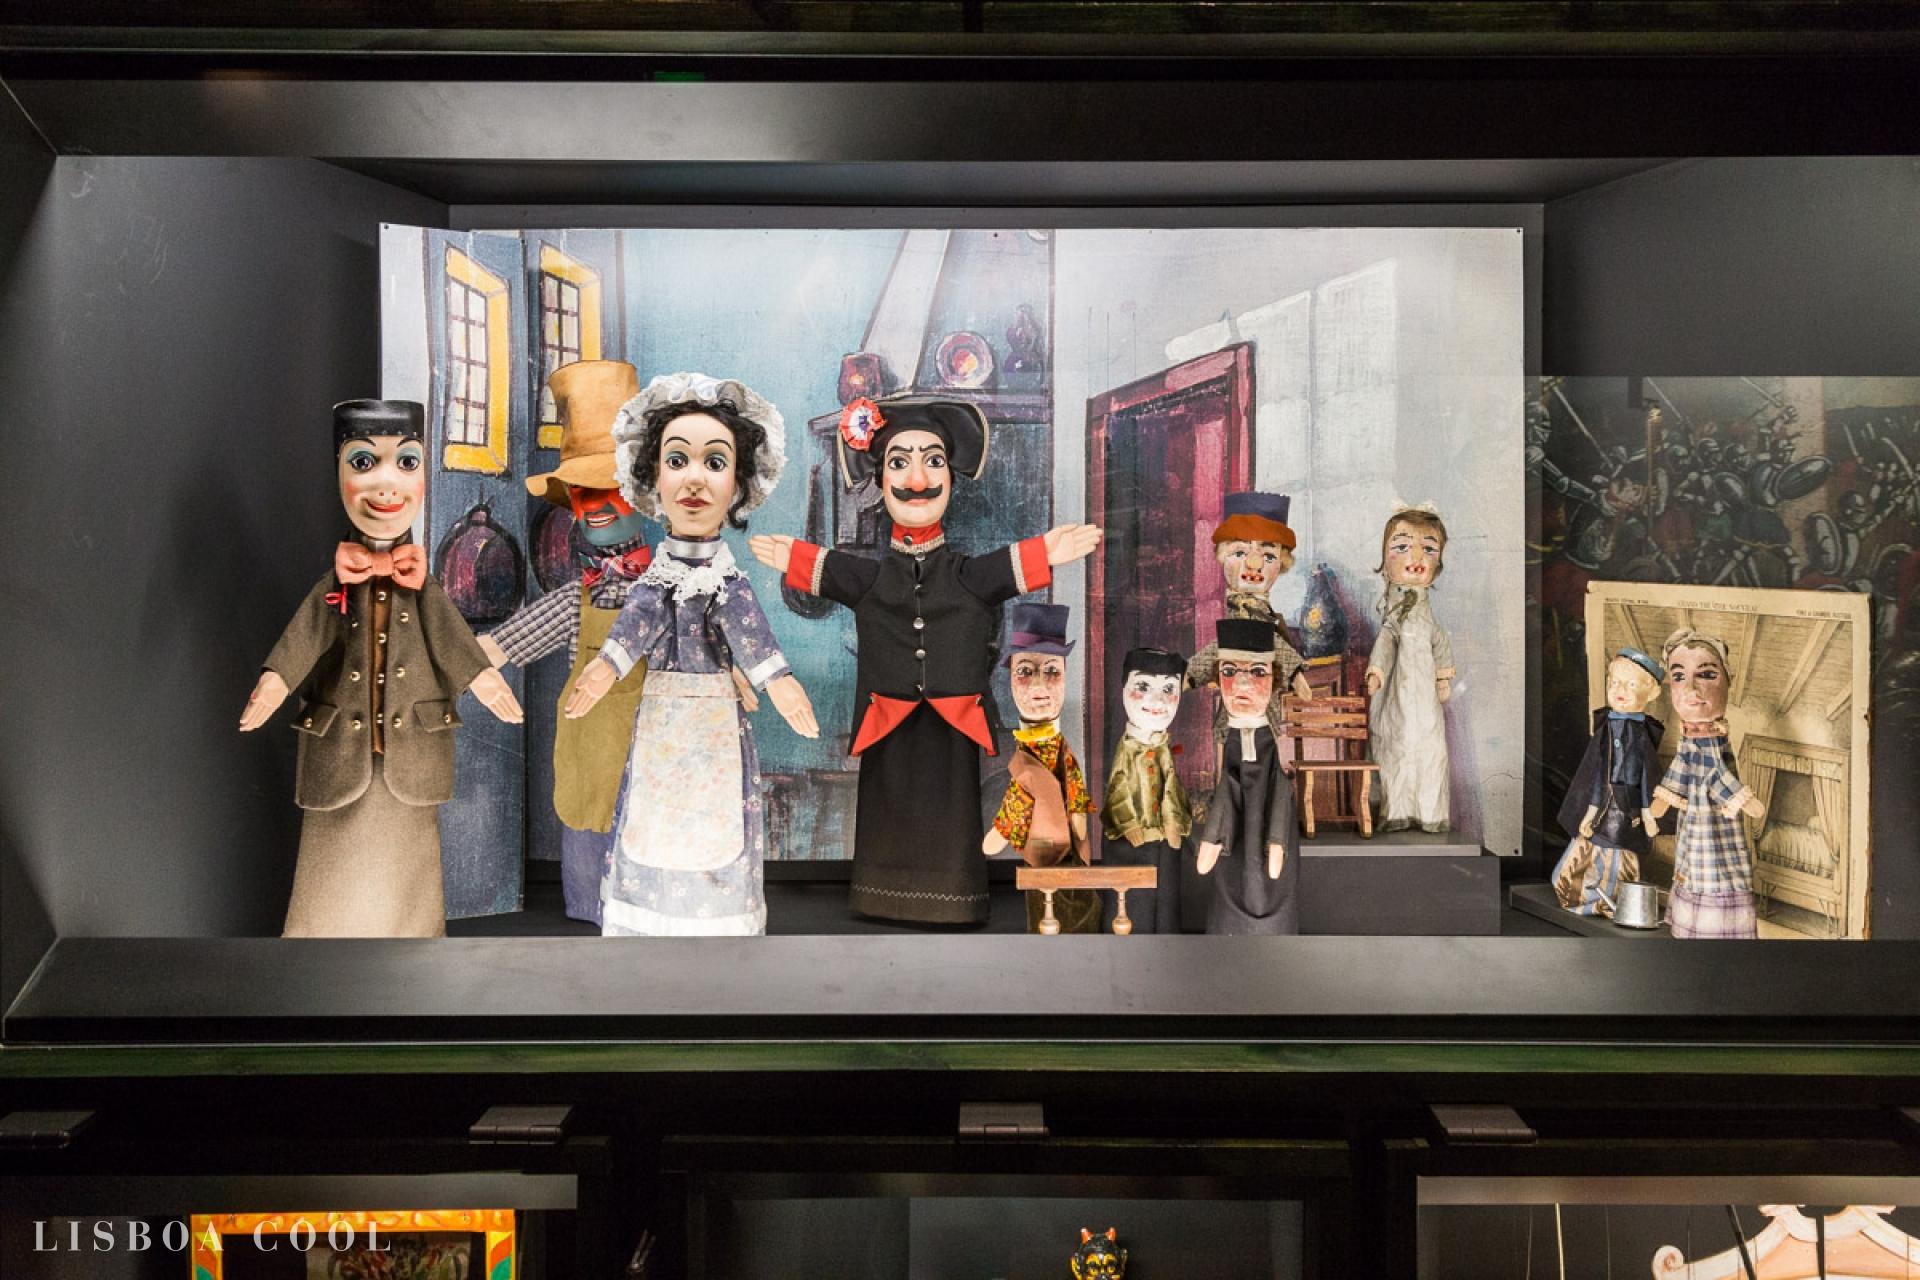 LisboaCool_visit_Museu_da_Marioneta